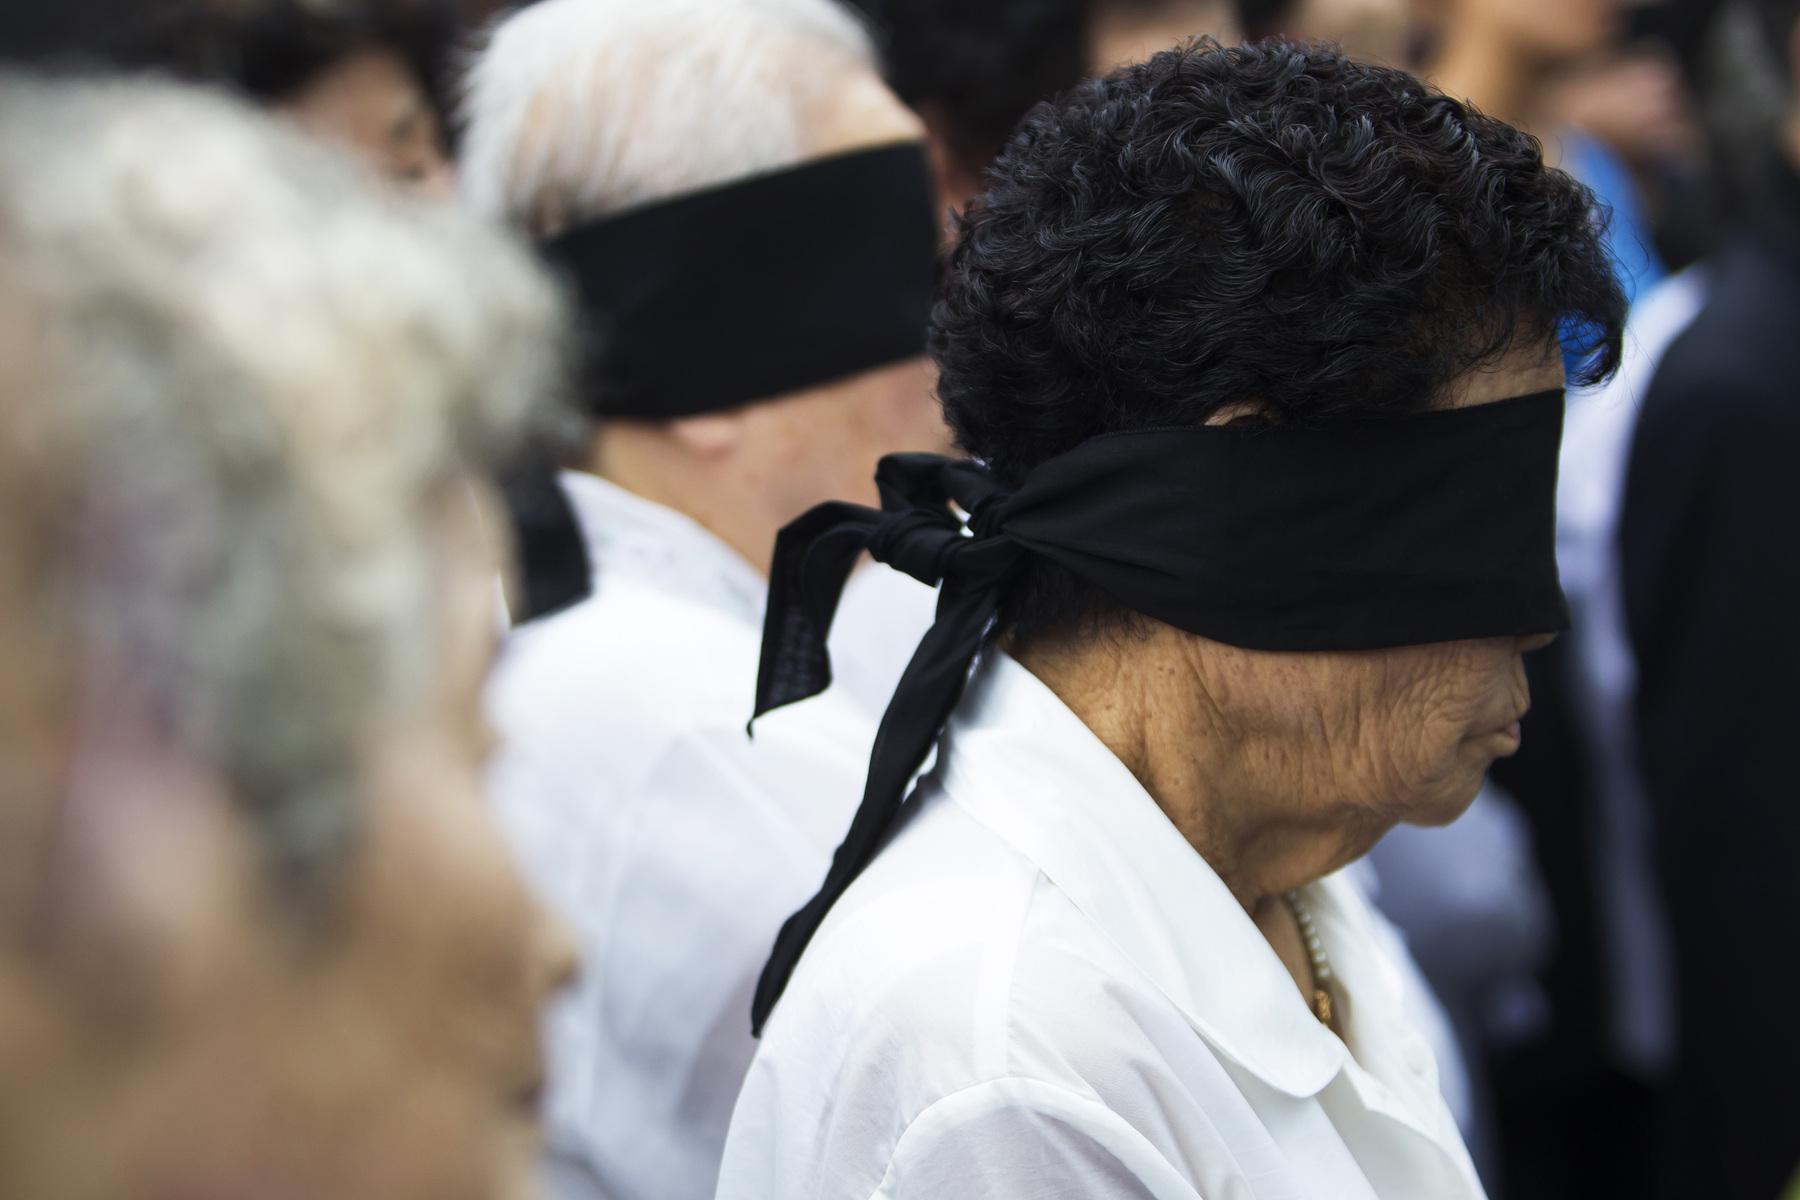 minouk-lim-navi-id-family_of_civilian_massacre_victims_blindfold